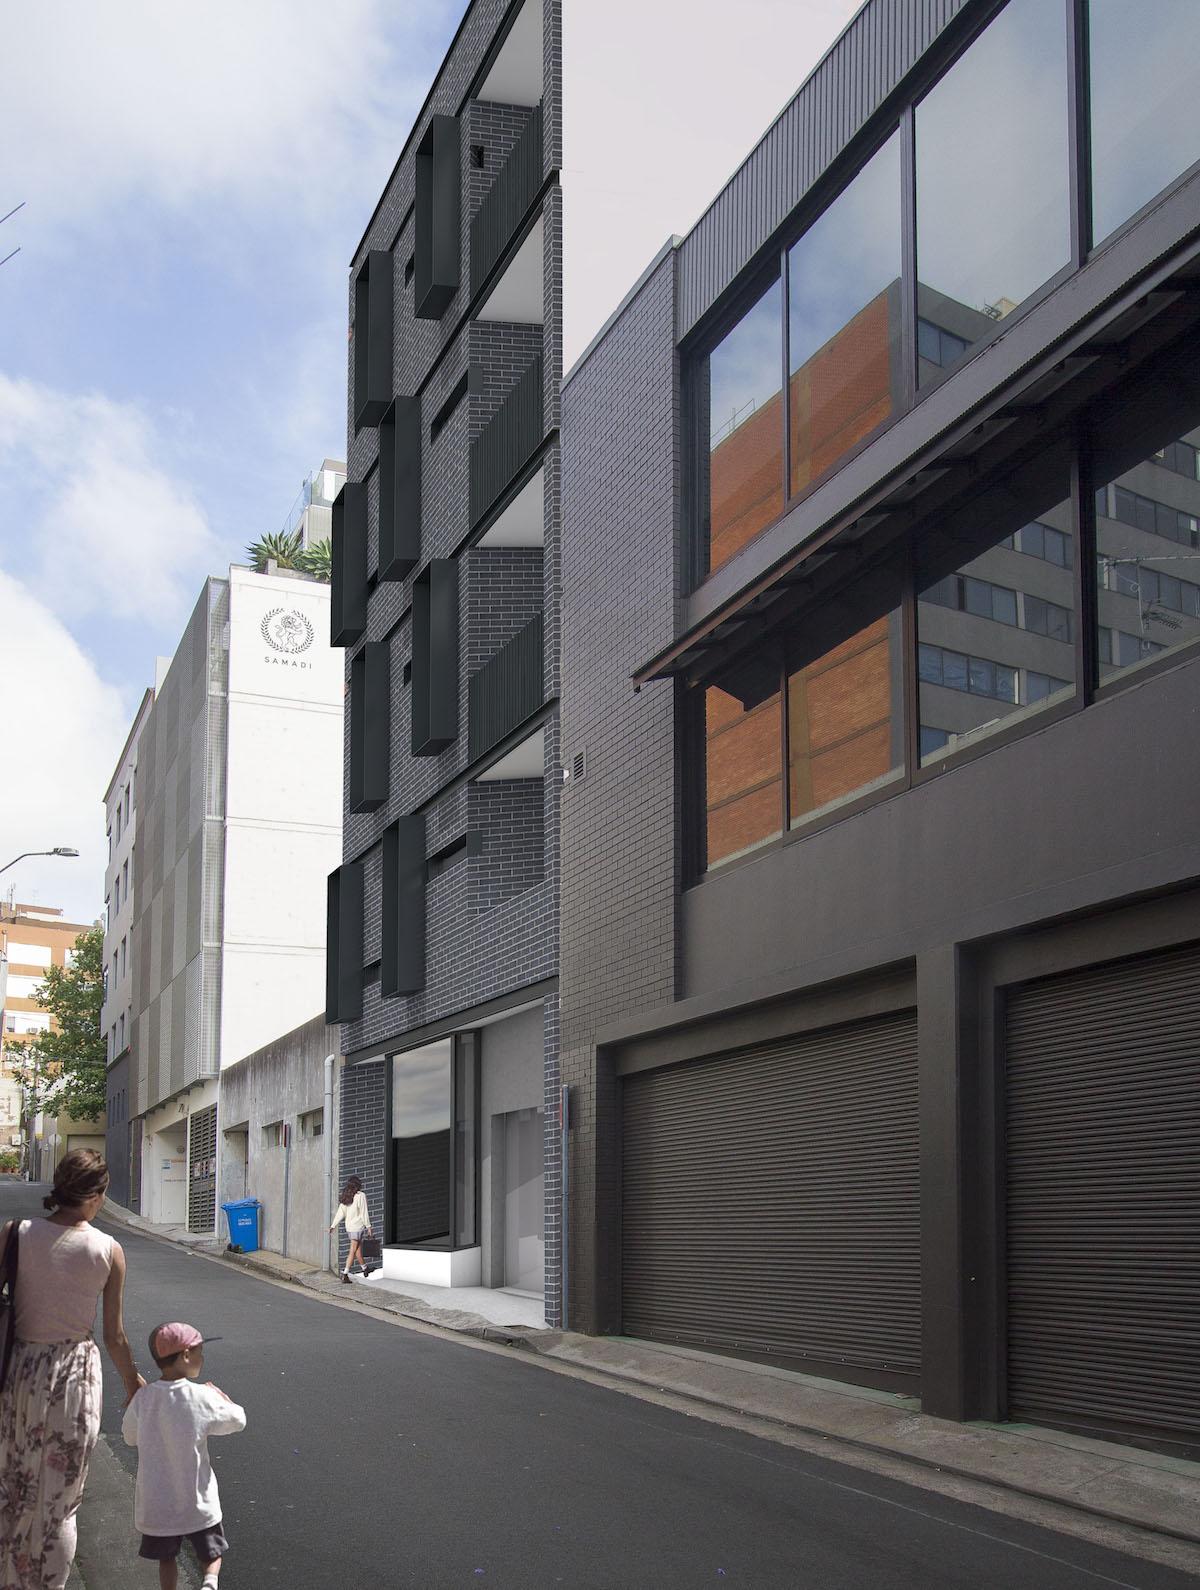 DesignInc_Foveaux Street_Blog_0002